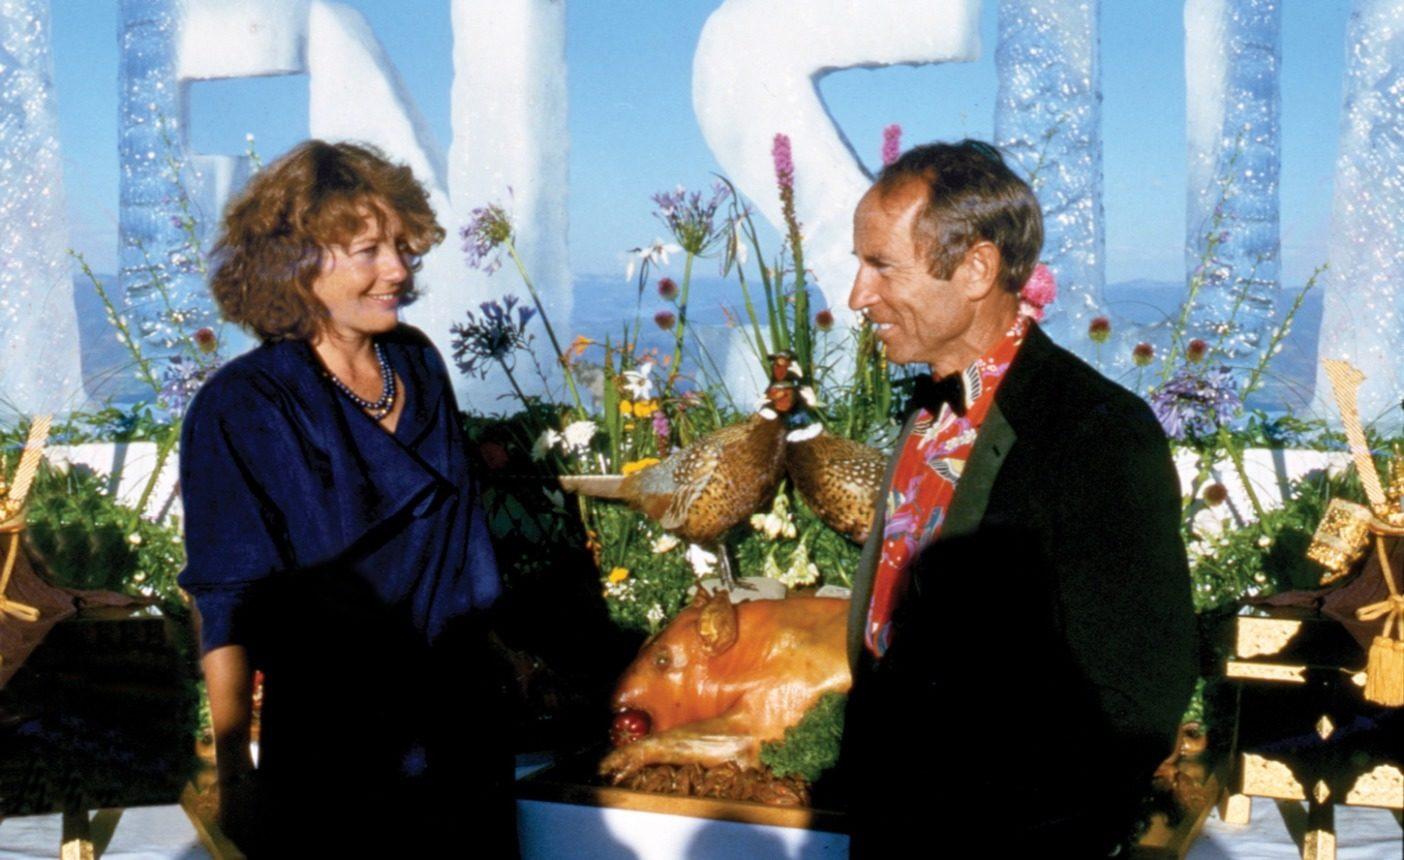 1986年パタゴニアの春カタログでパタロハ・ハワイアン・シャツがデビュー。同ページには、イヴォン・シュイナードがパタロハ・シャツをジャケットの下に着てフォーマルにドレスアップし、 妻のマリンダとともに出席したセブン・サミットのパーティでの写真が掲載。 Photo: Jennifer Ridgeway